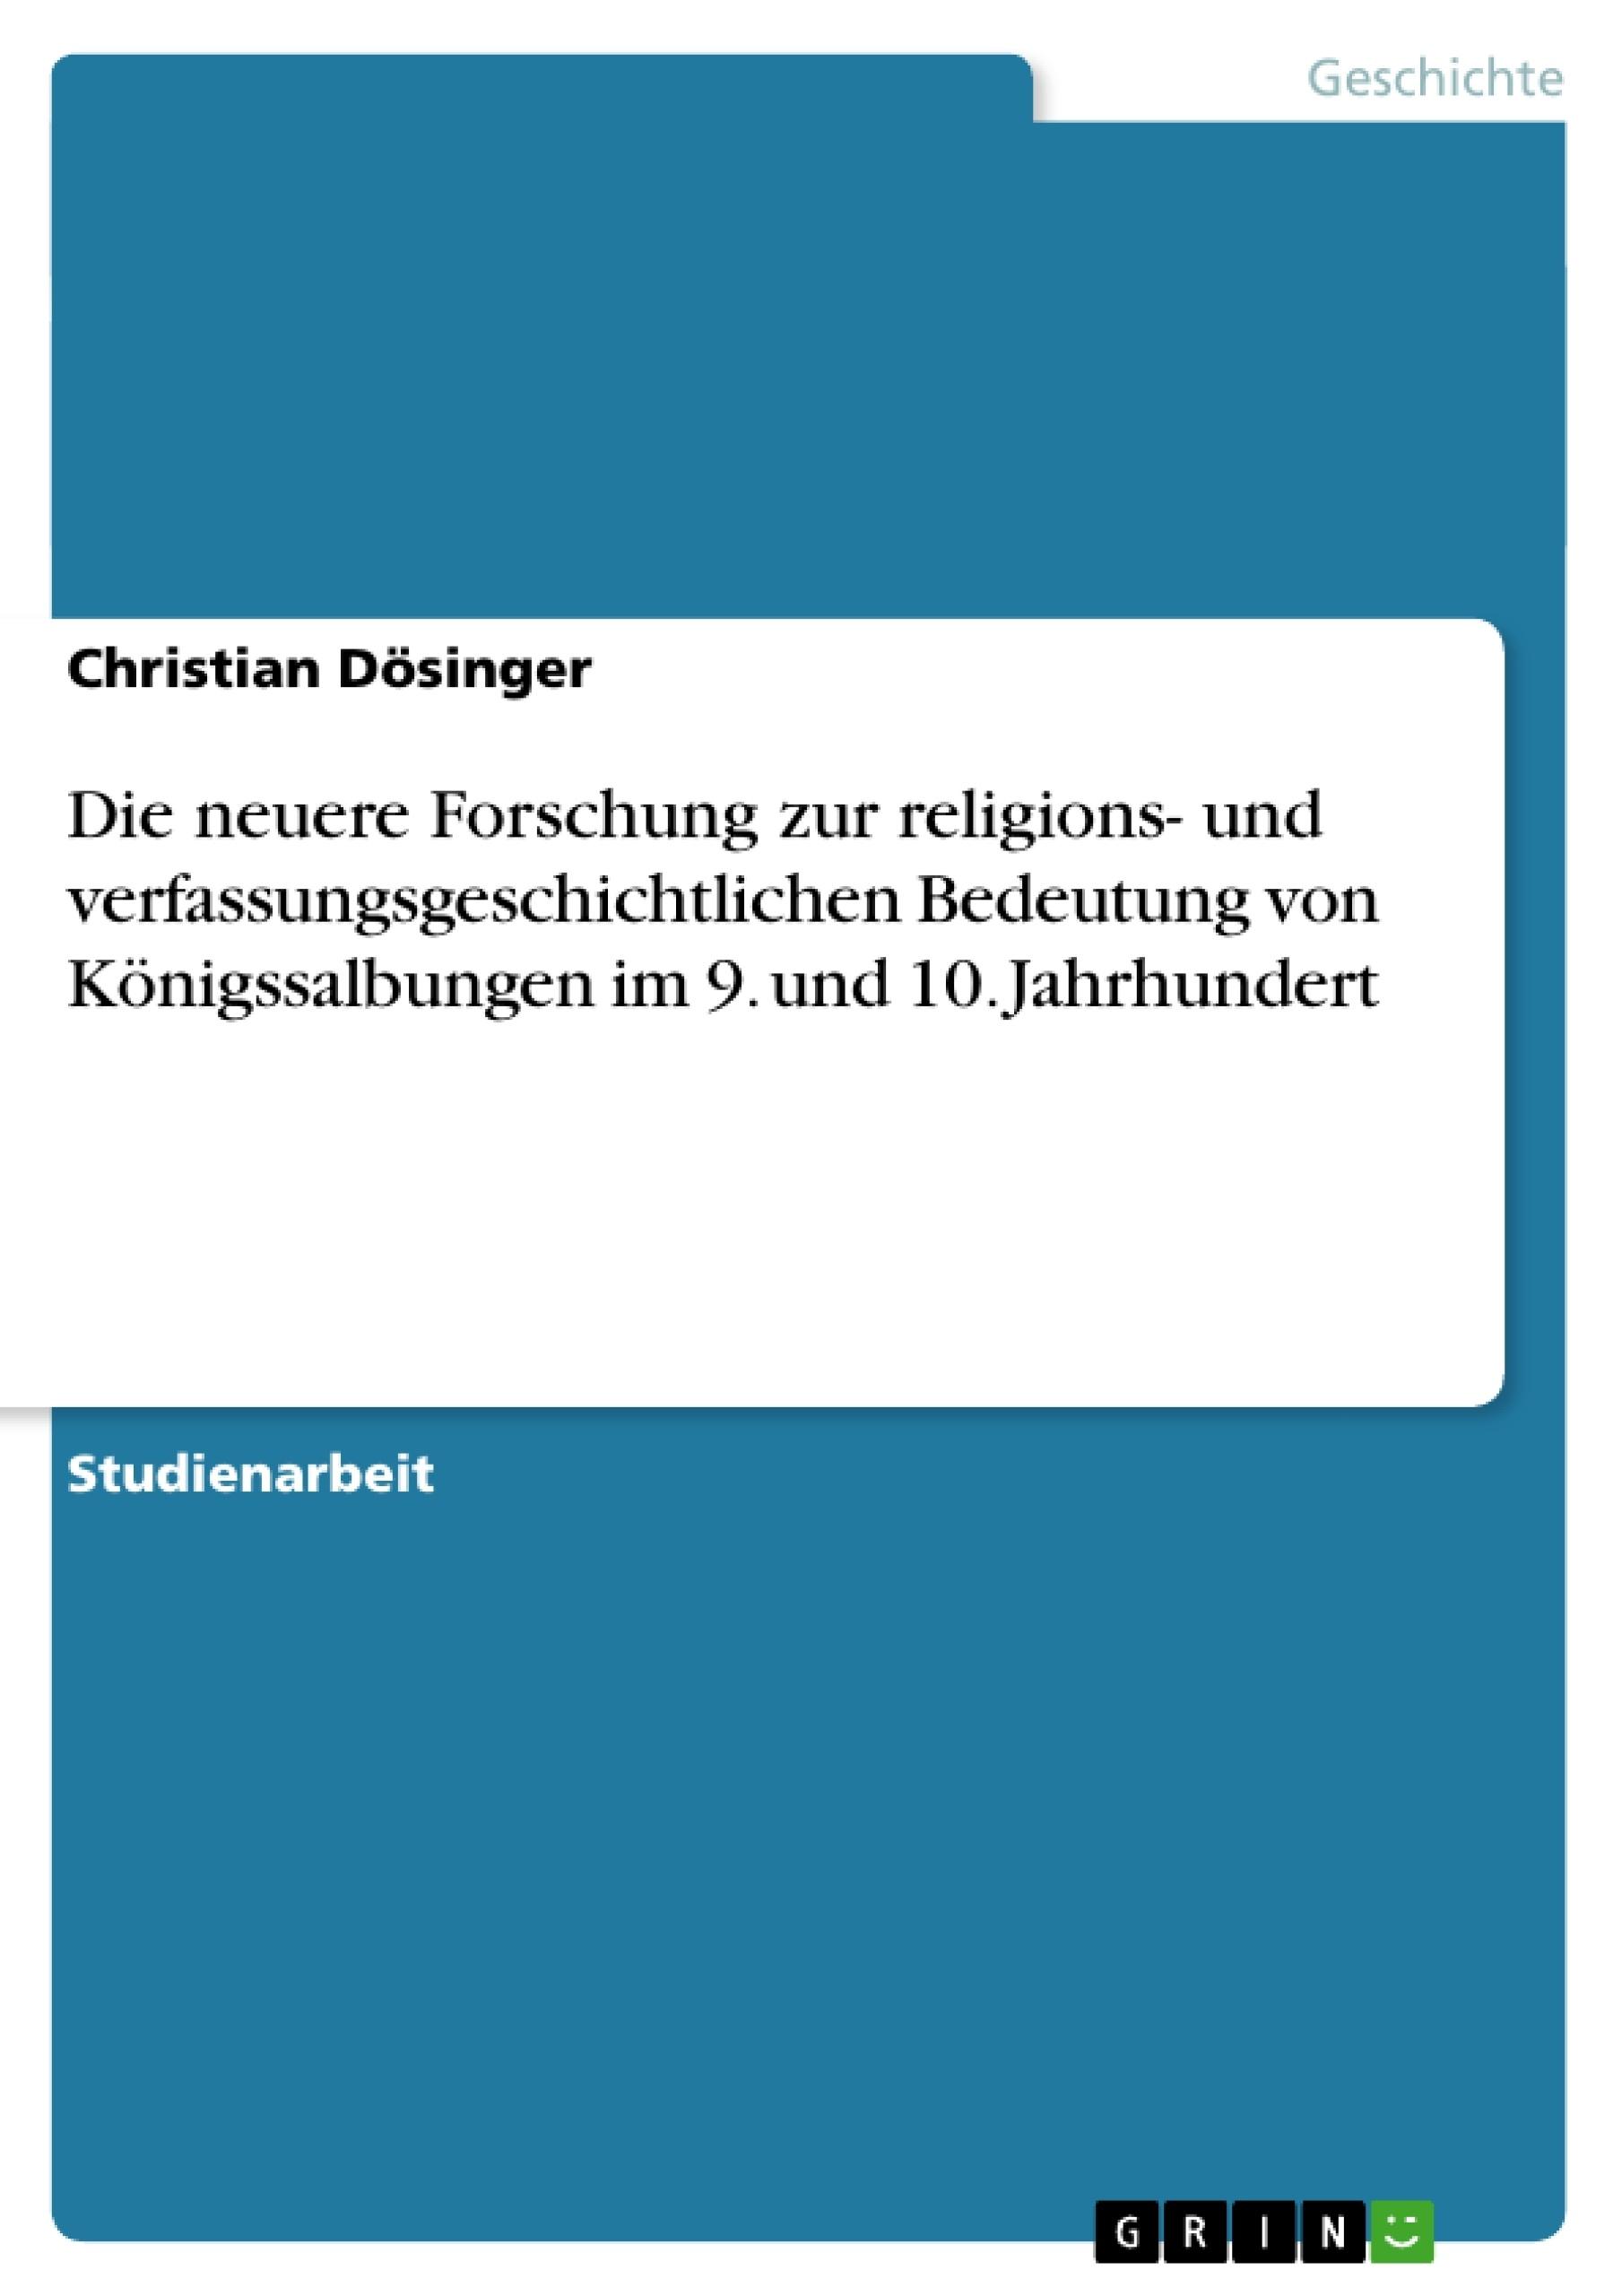 Titel: Die neuere Forschung zur religions- und verfassungsgeschichtlichen Bedeutung von Königssalbungen im 9. und 10. Jahrhundert